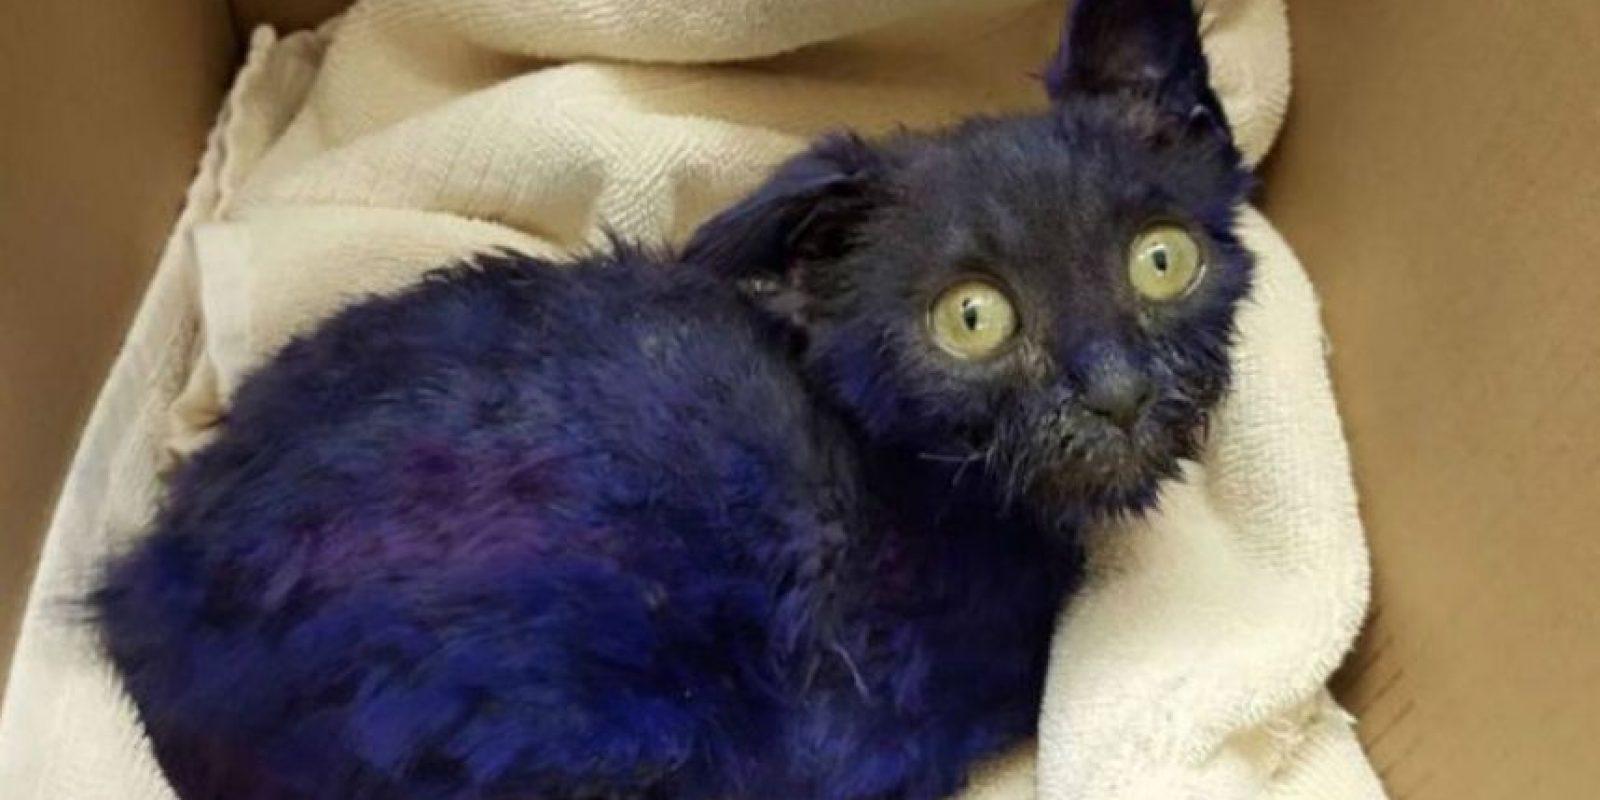 La fundación Nines Lives ayudó a este gatito luego de sospechar que fuera utilizado como cebo de peleas de perros. Foto:facebook.com/NineLivesFoundation